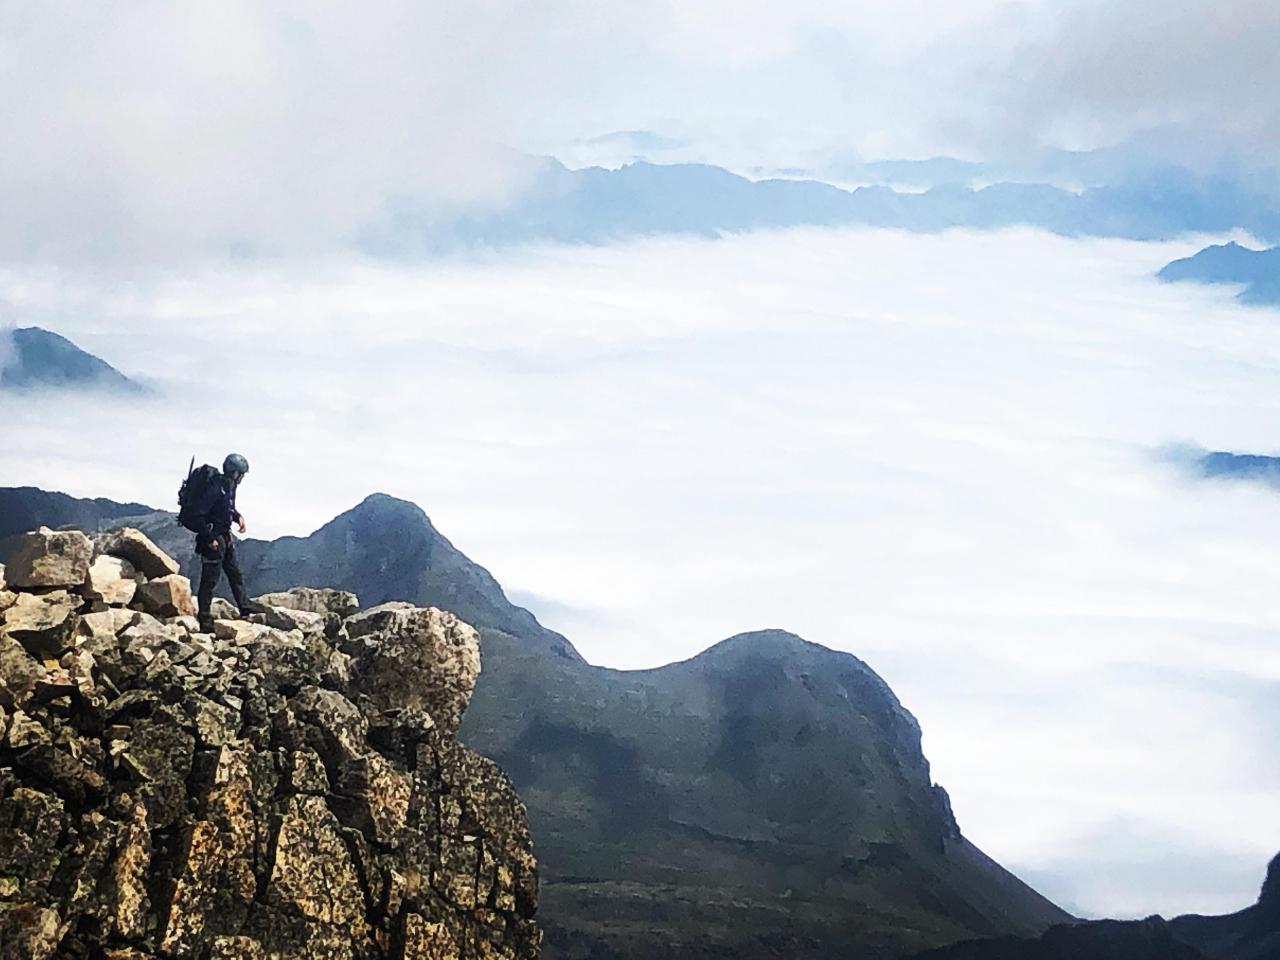 A picture from Pico Aneto by Javi de Mora